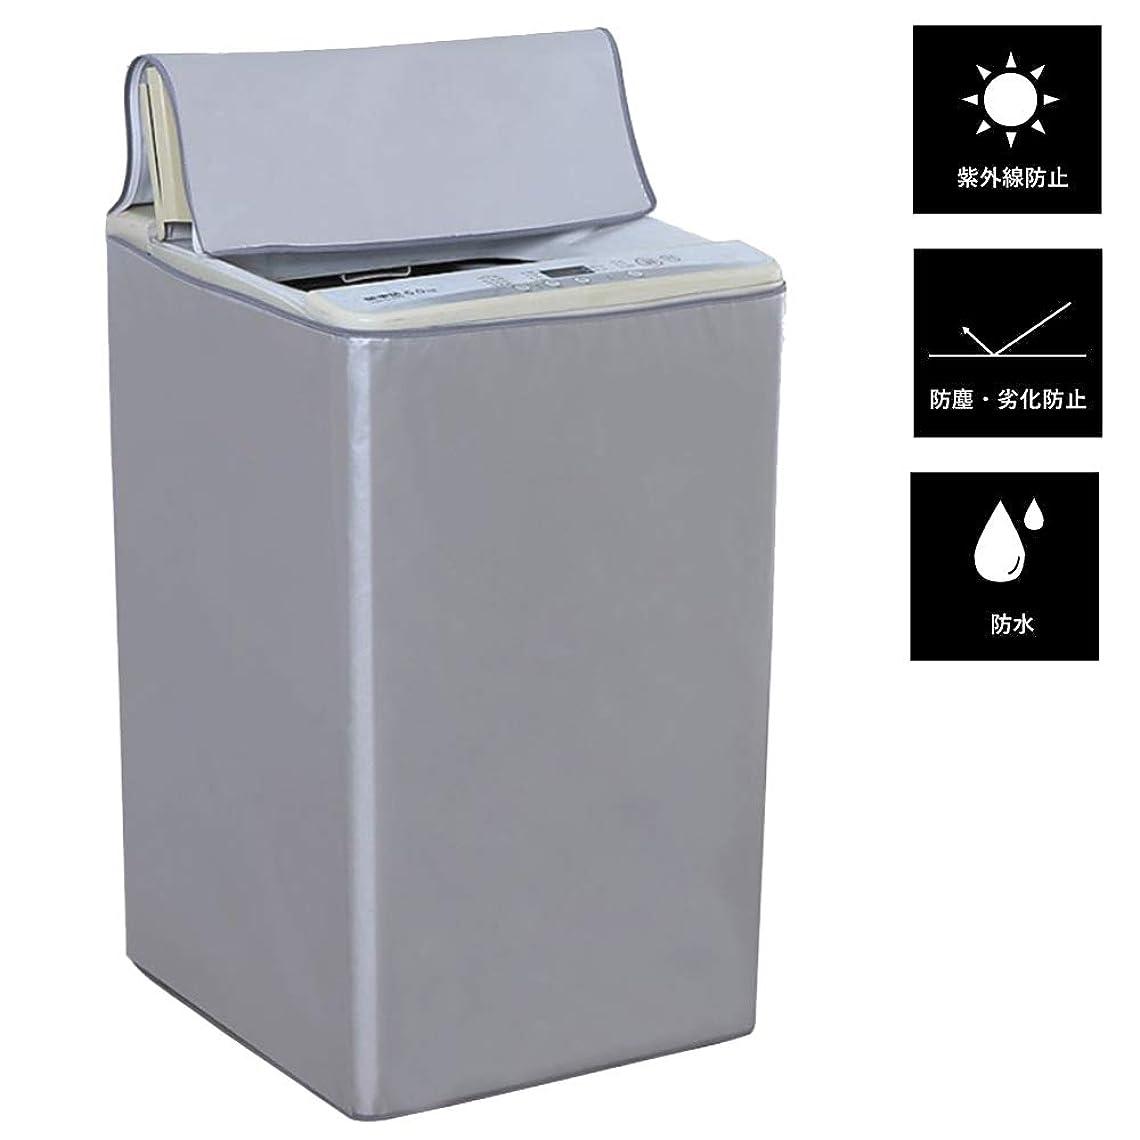 パパ申し込むに頼るわくわくマーケット 洗濯機カバー 防水 防塵 防風 紫外線 シルバー シンプル